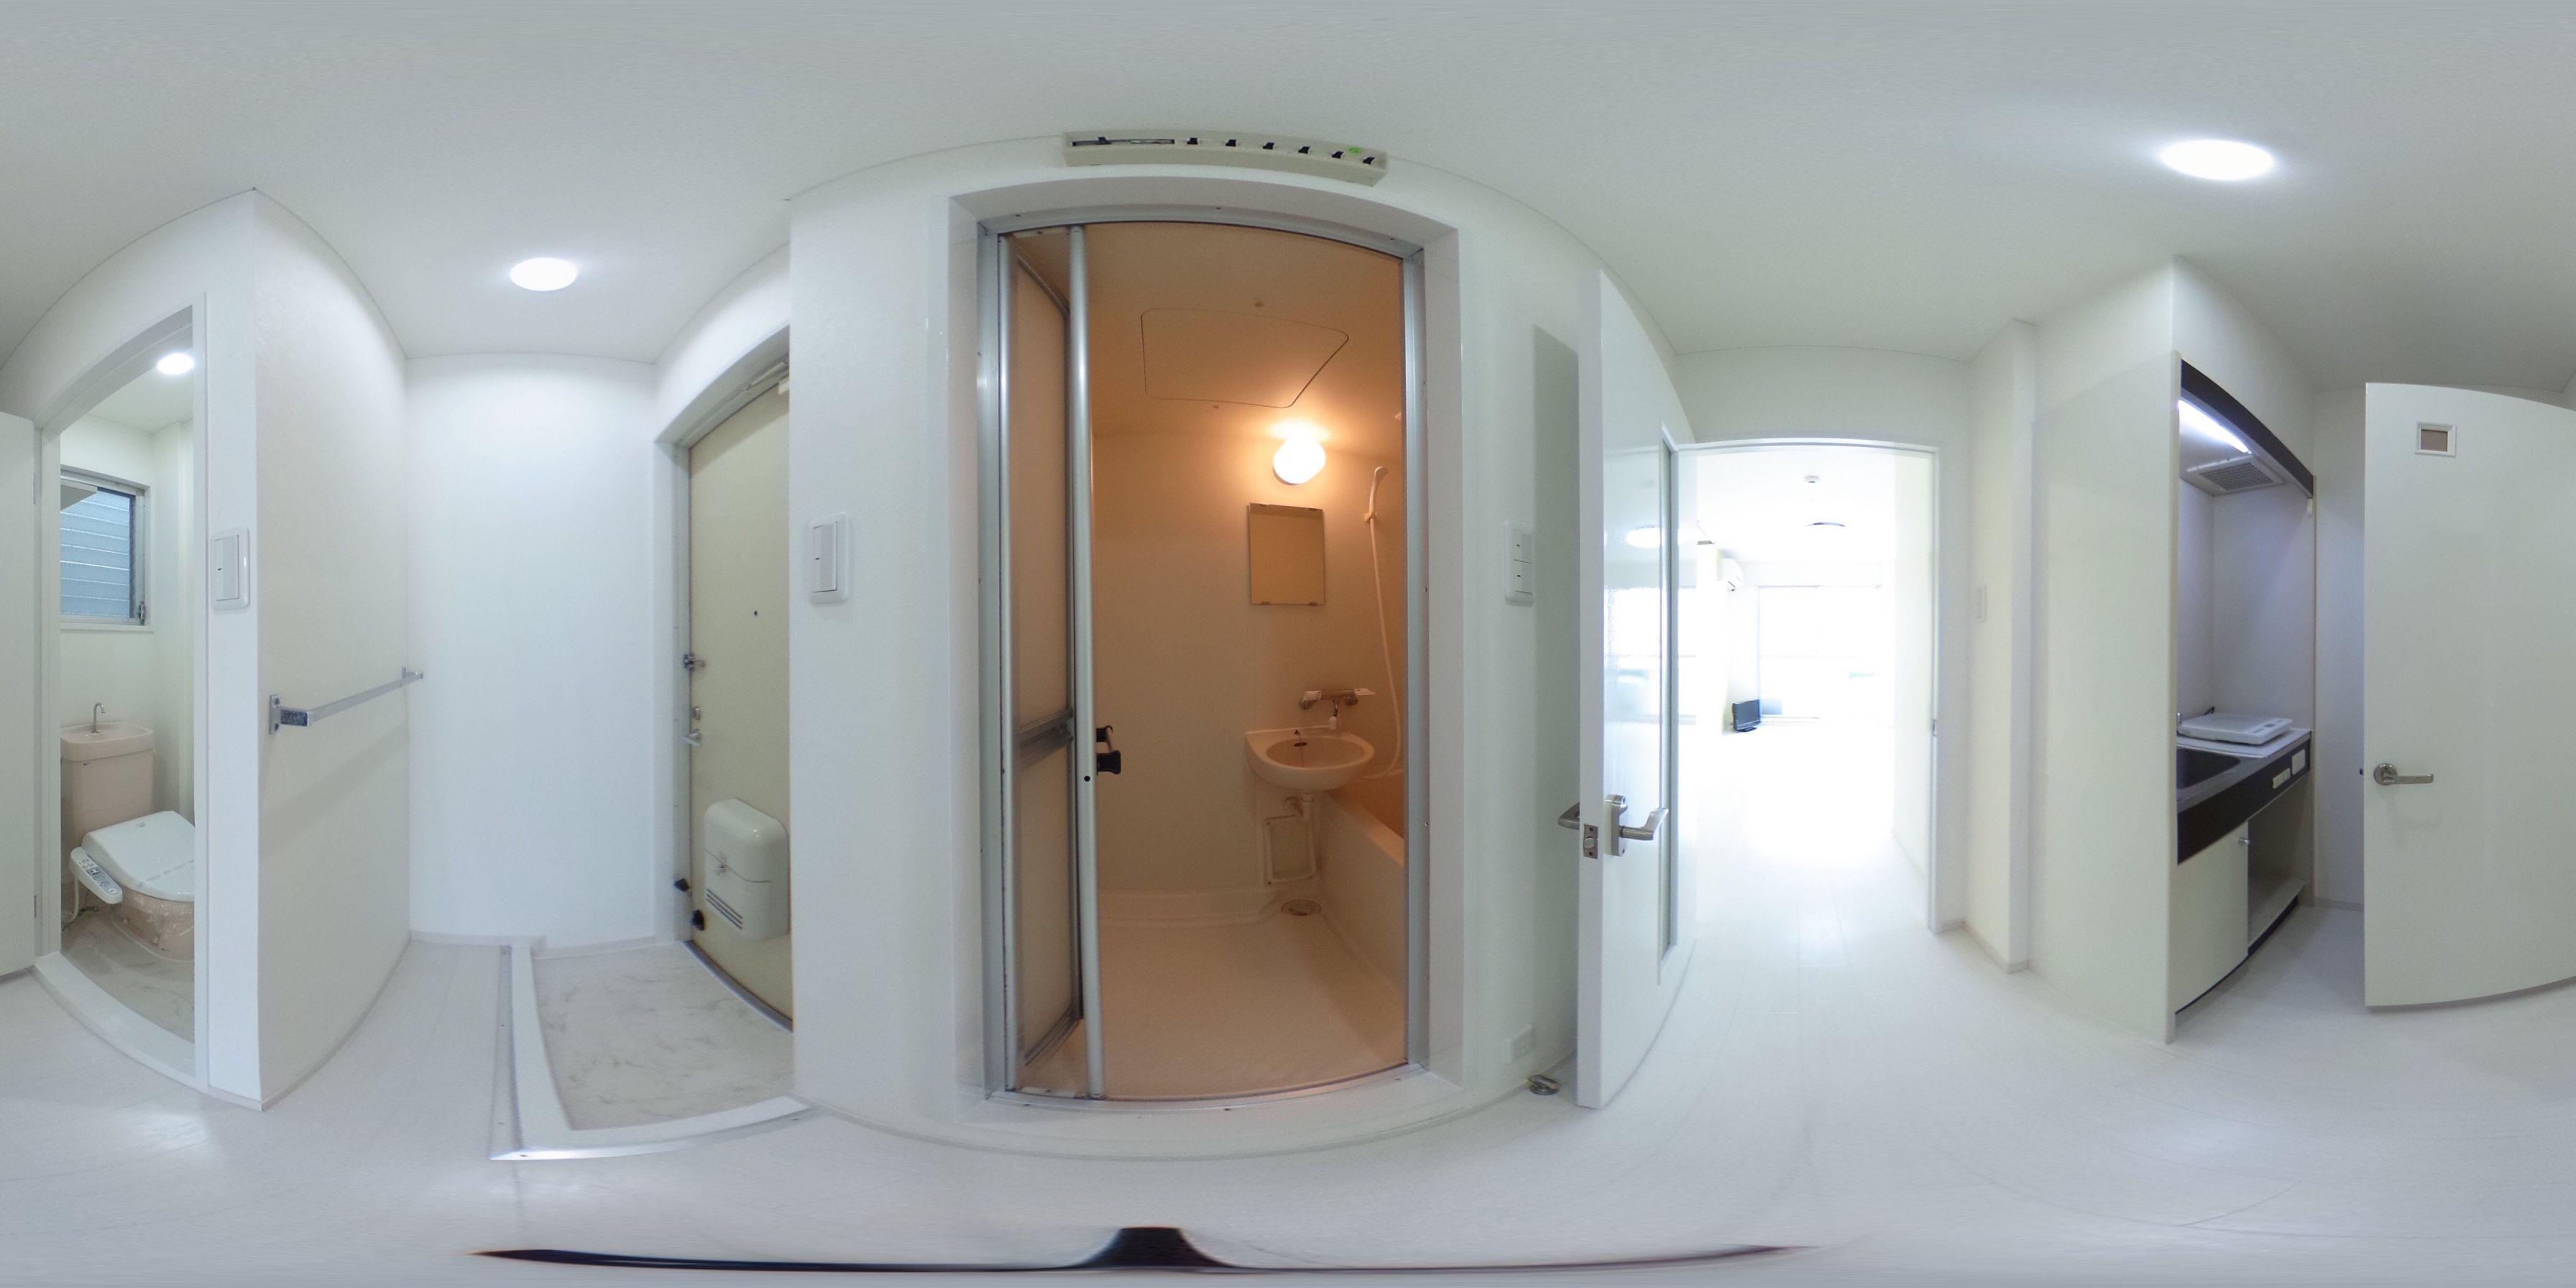 徳島市住吉 賃貸マンション 1Kパノラマ画像